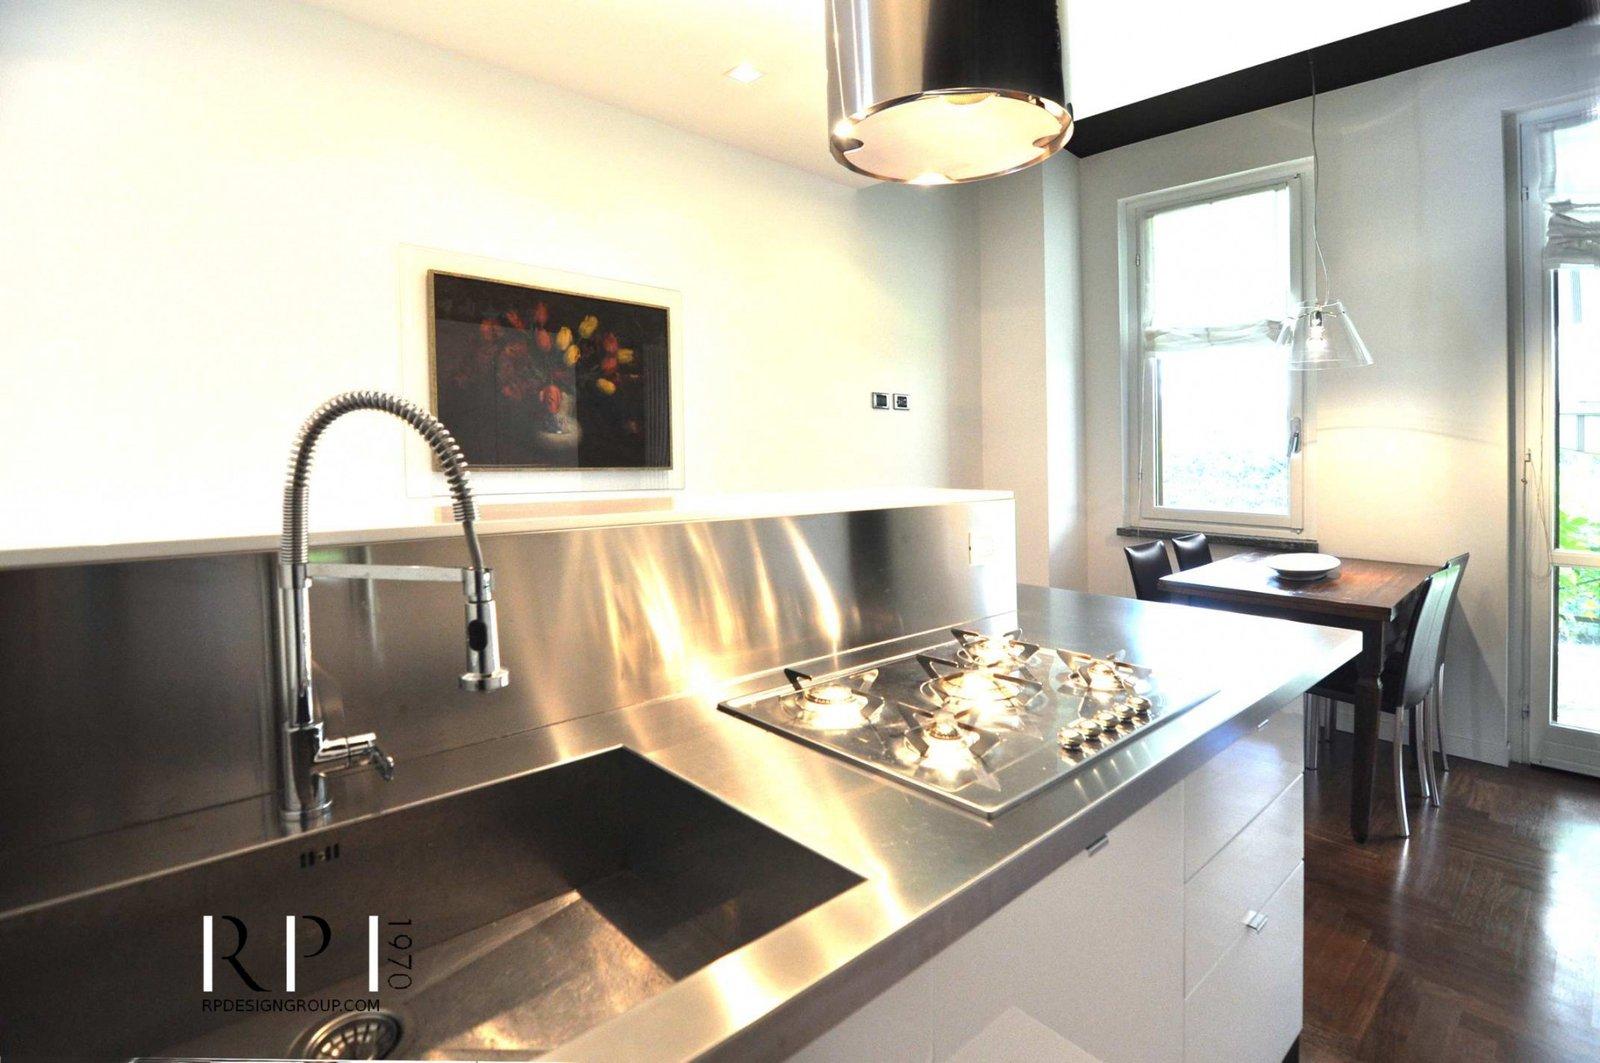 Popolare Cucina con penisola acciaio e contrasti testa di moro - RP  TF02